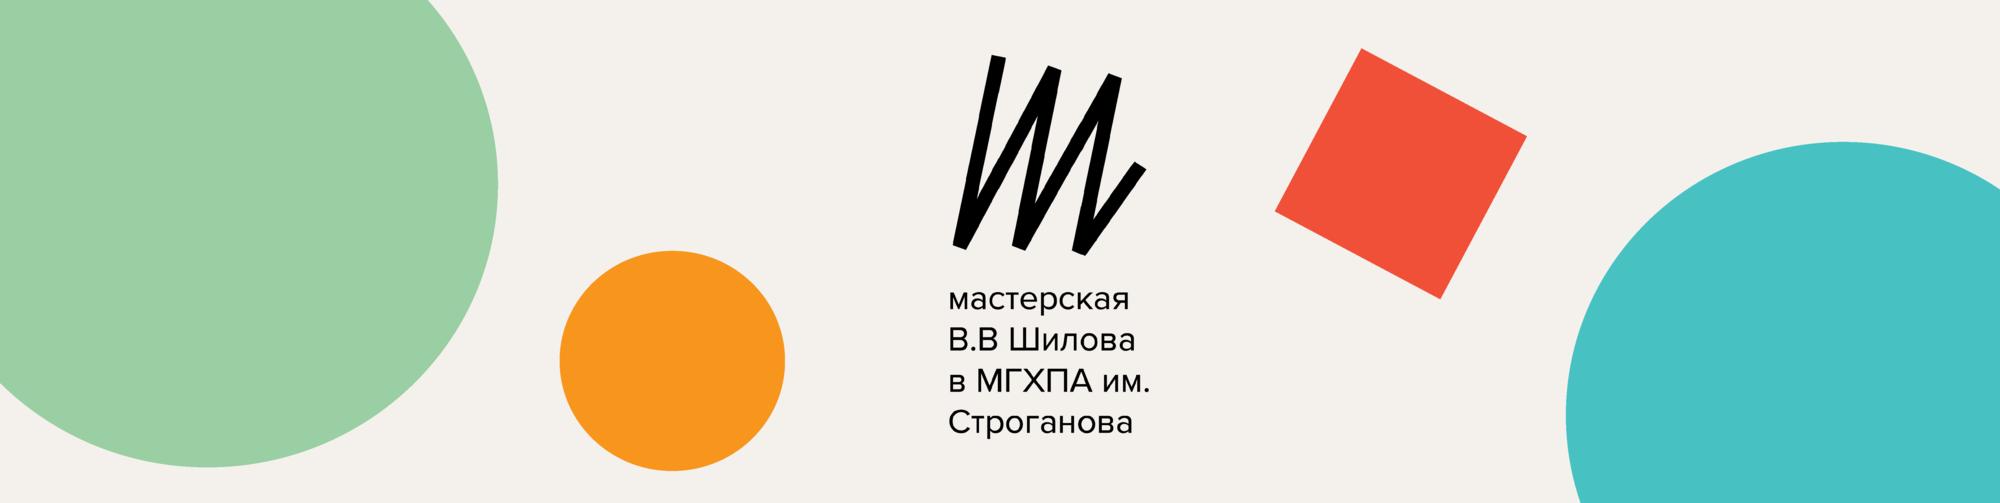 Запись на курс в Мастерскую В. В. Шилова в  МГХПА им. С. Г. Строганова – события на сайте «Московские Сезоны»